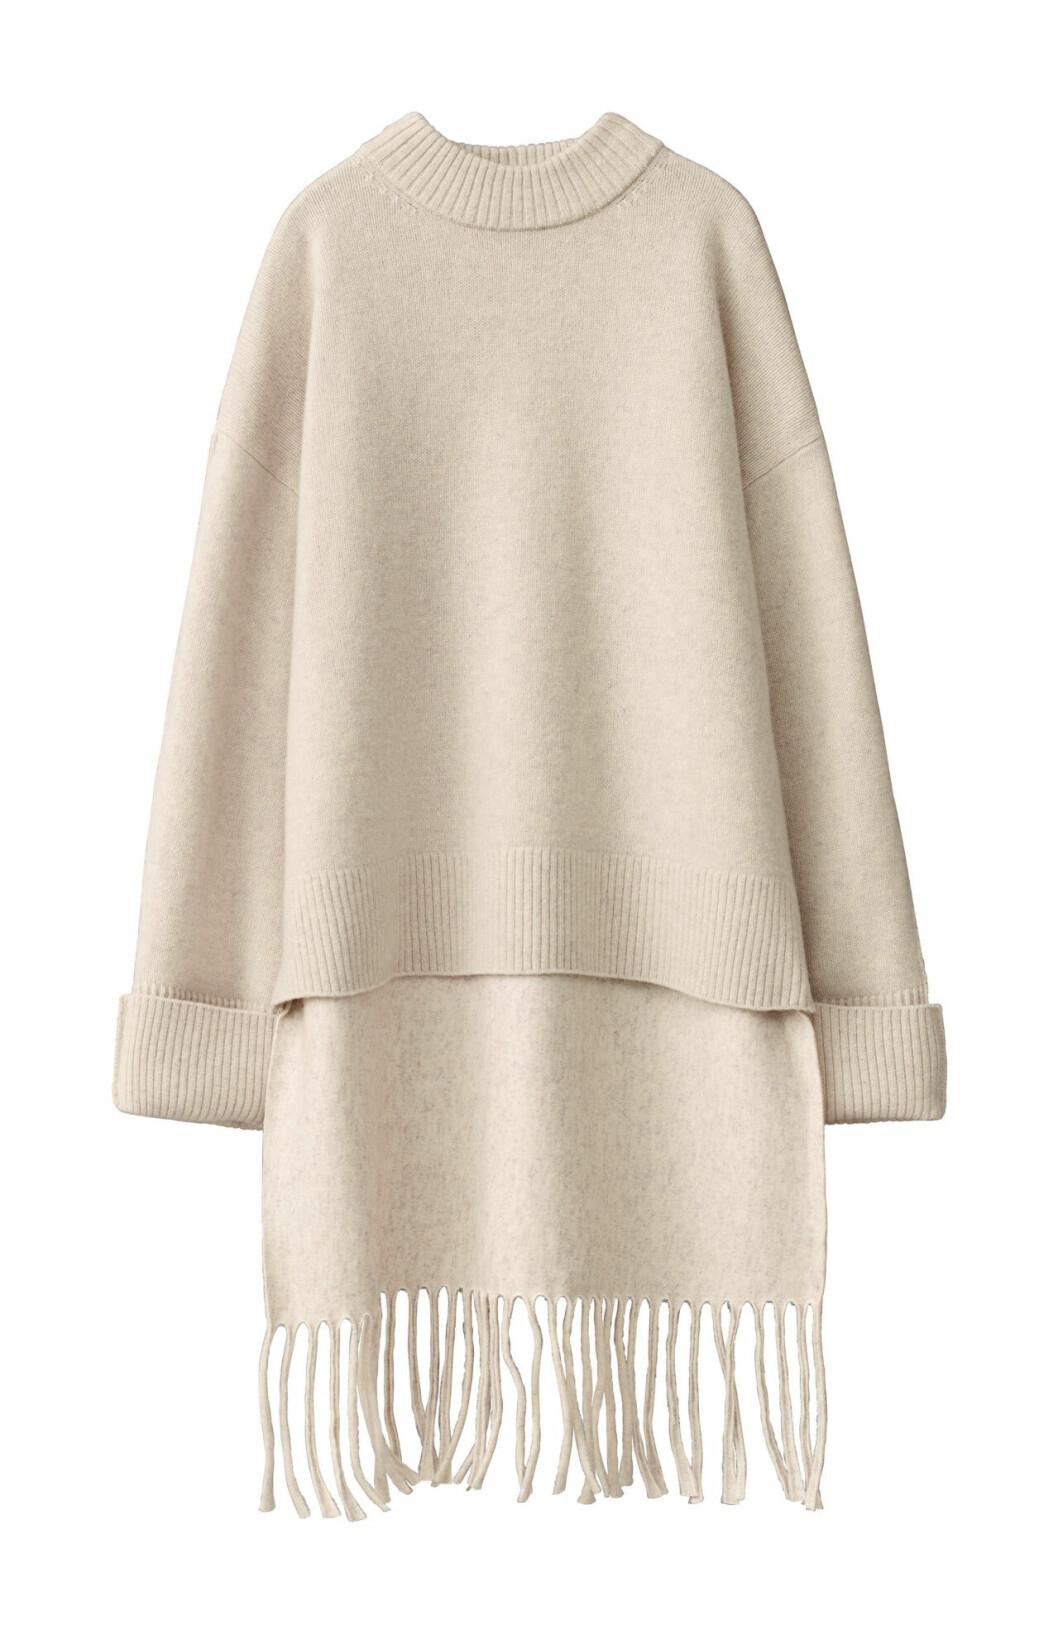 H&M Studio höstkollektion aw 2019 – vit stickad tröja med fransar